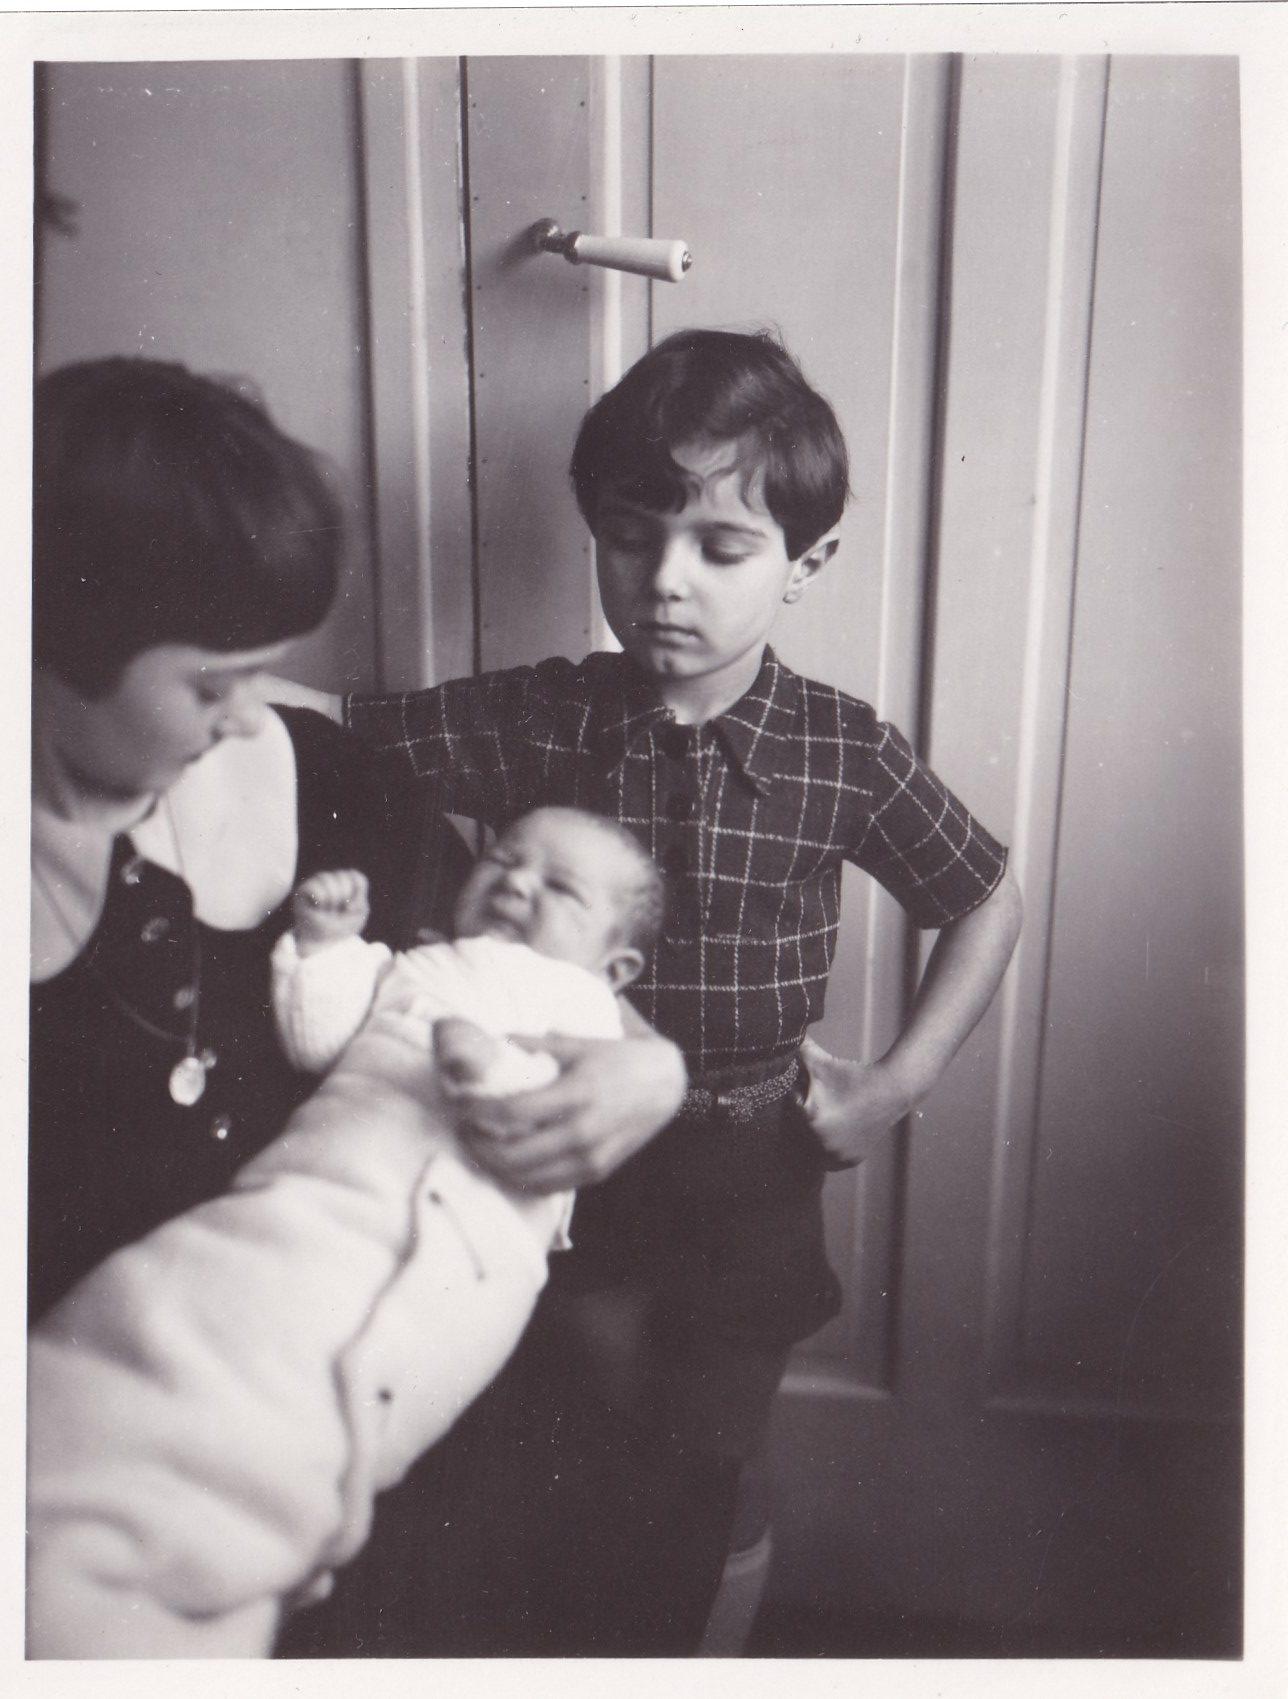 Garçon chemise à carreaux bebe fille en robe  format   rotated